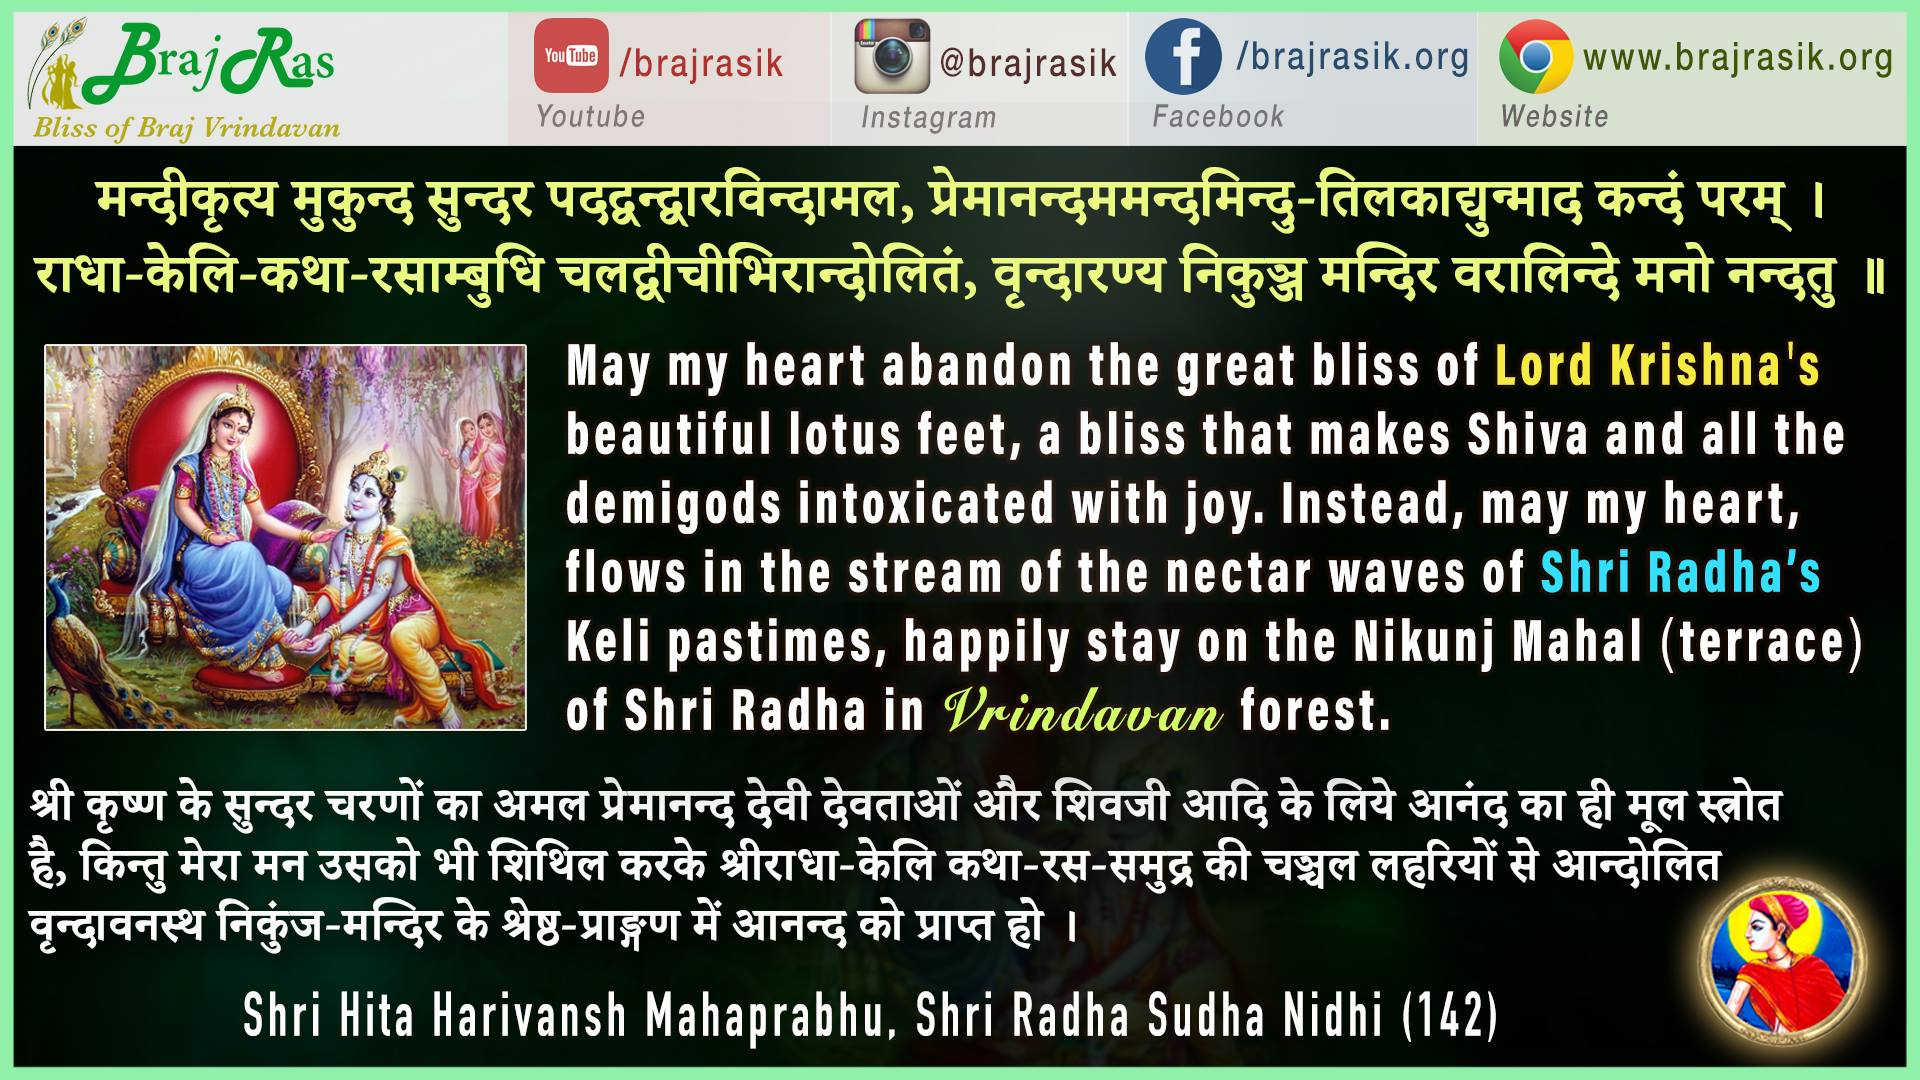 Mandi-Kritya Mukund Sundar Pad Dvandvaravindamala, - Shri Hita Harivansh Mahaprabhu, Shri Radha Sudha Nidhi (142)